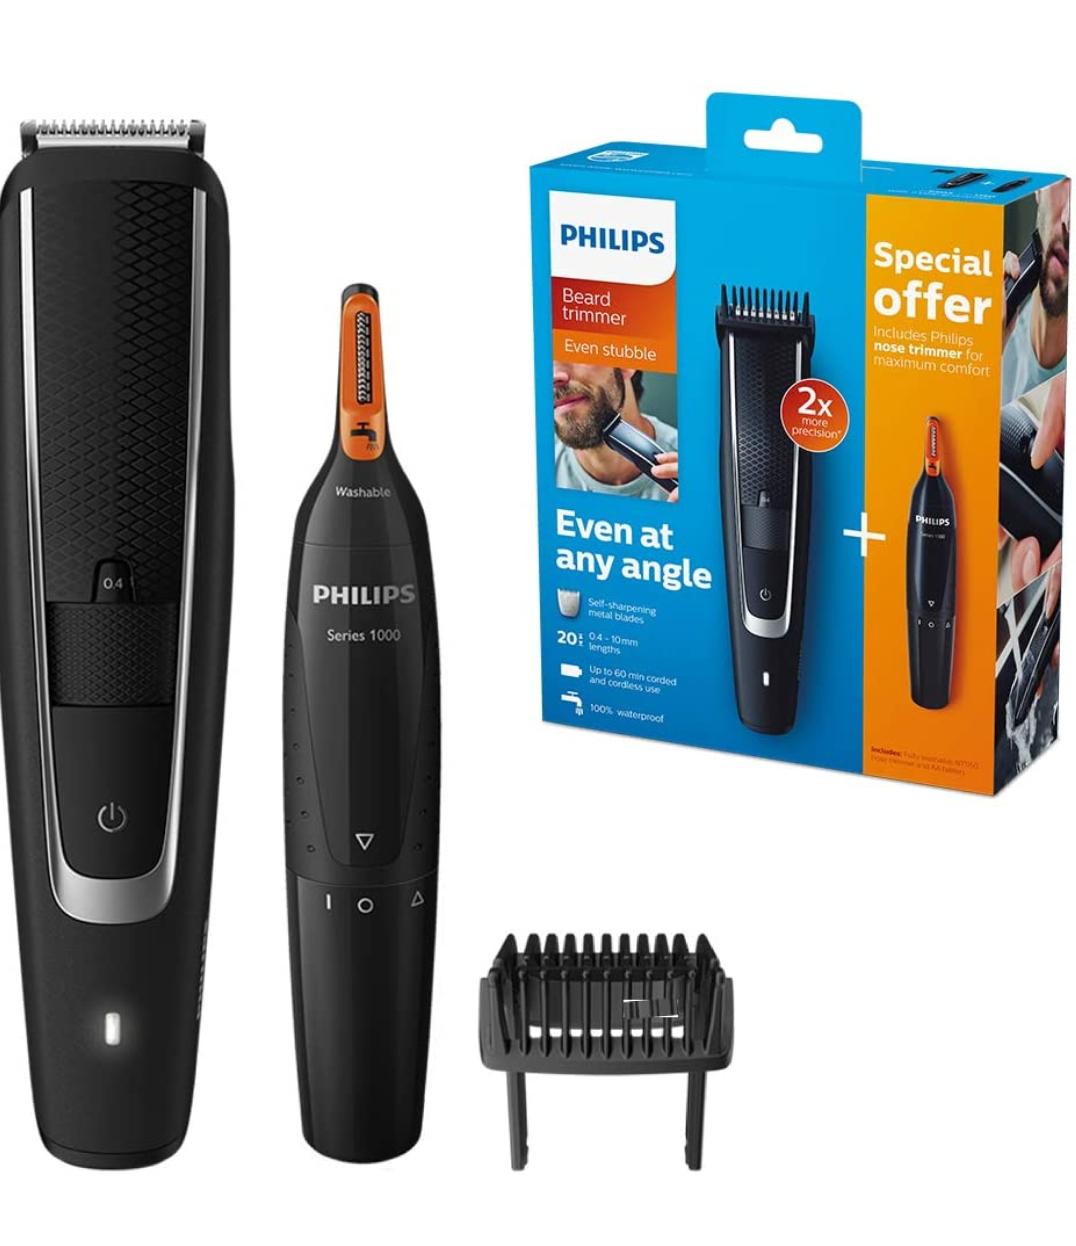 Tondeuse à cheveux/barbe et tondeuse à nez Philips Series 5000 BT5503/83